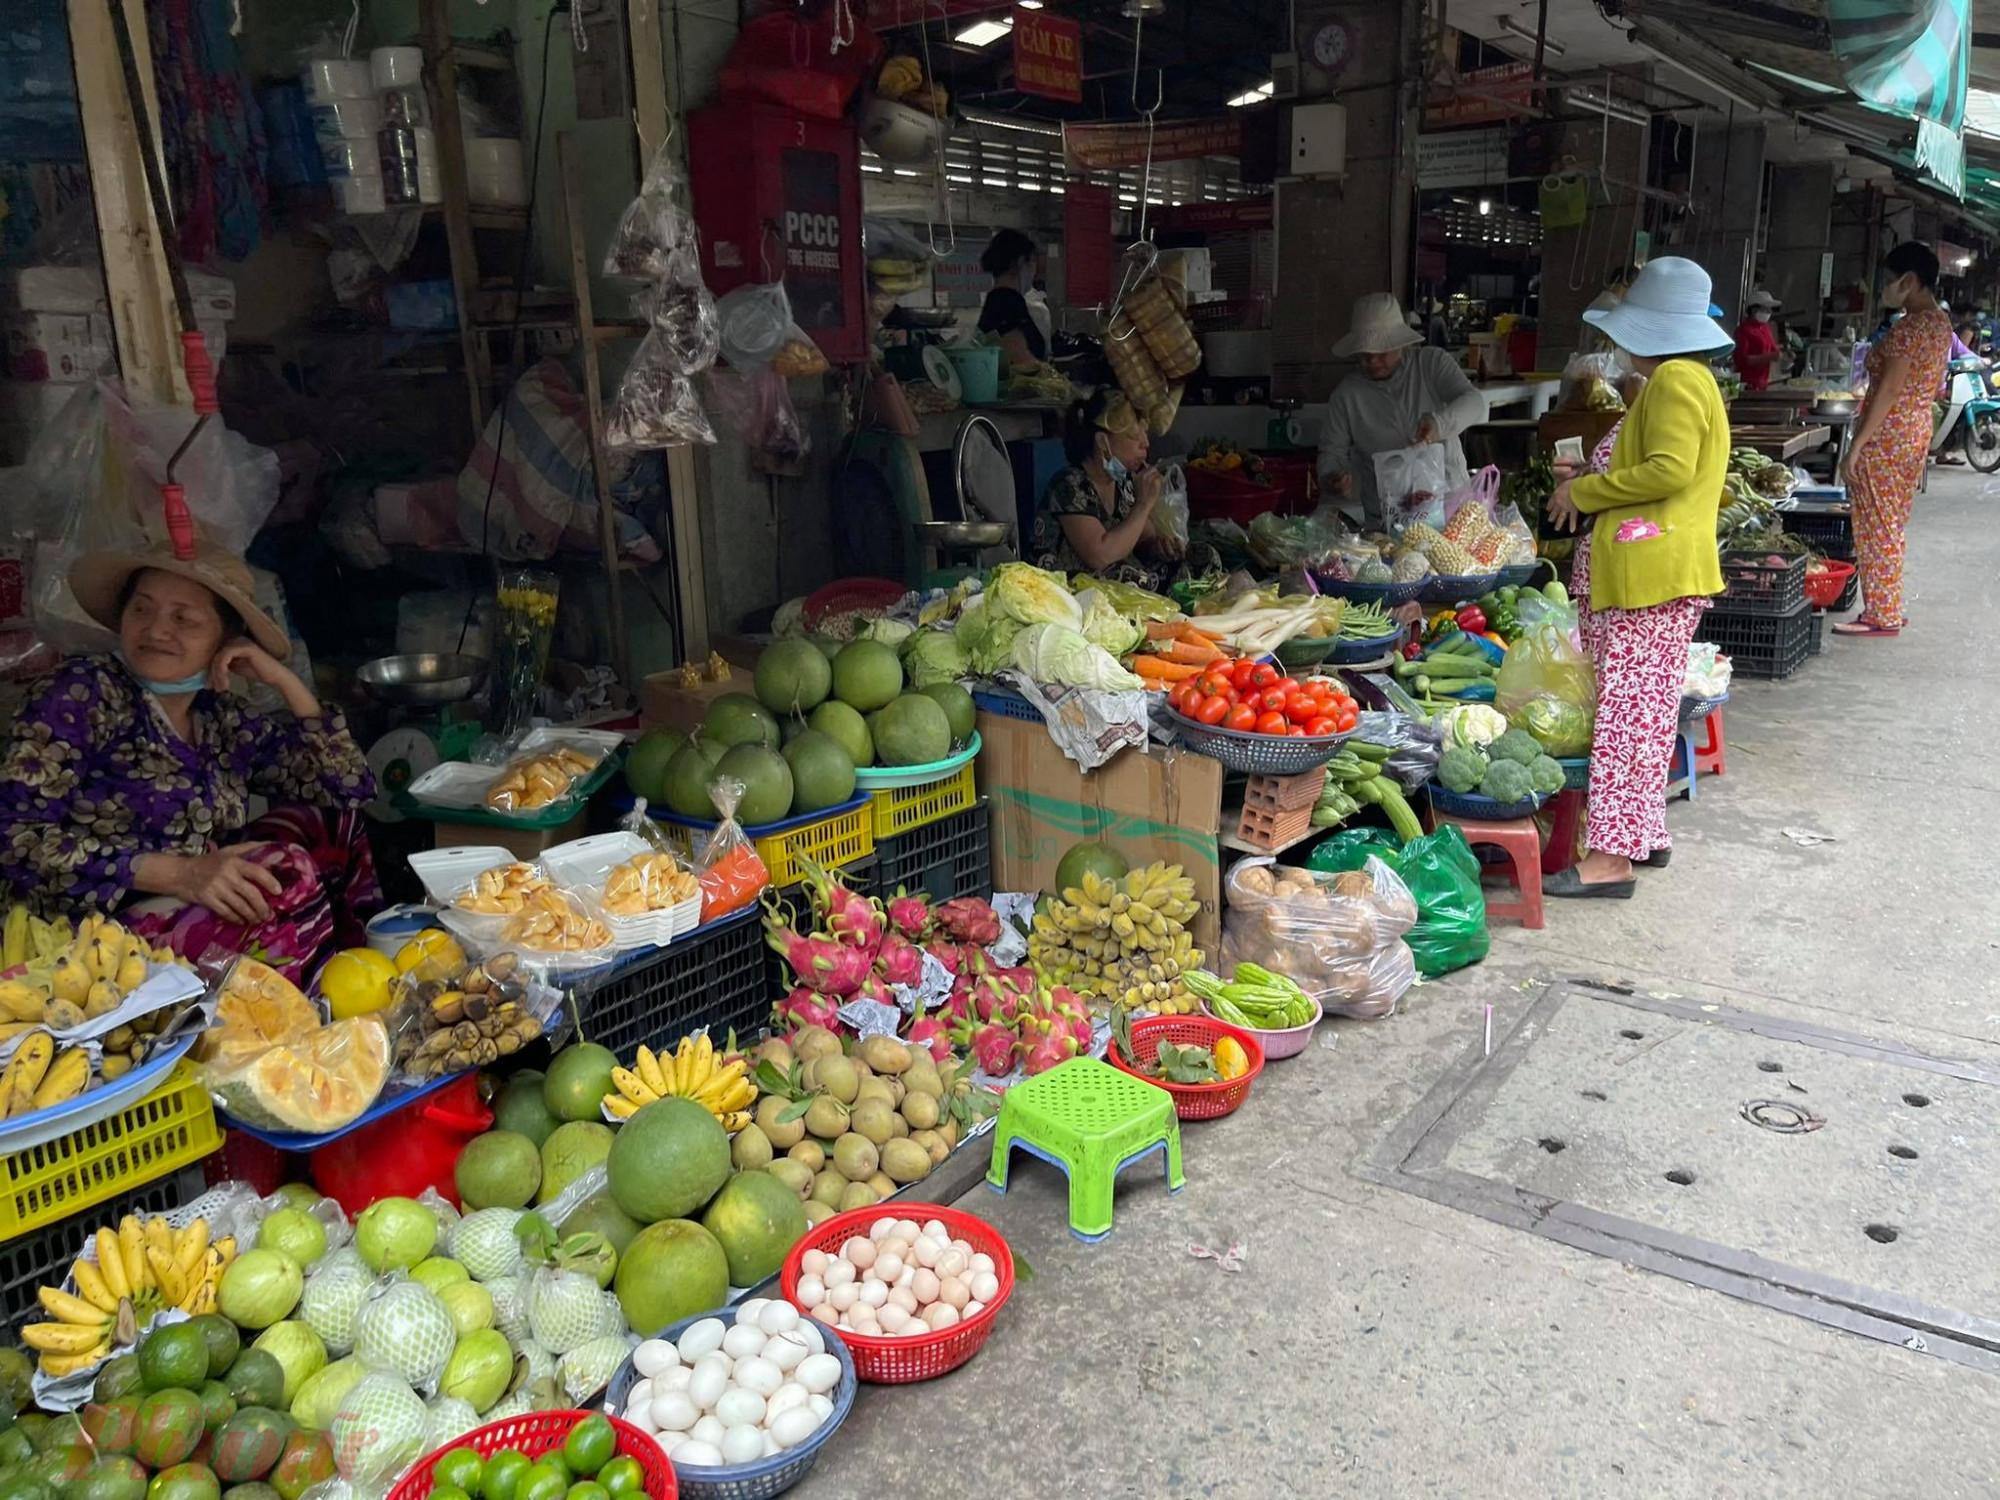 Nhiều tiểu thươn tại chợ Gò Vấp (Q.Gò Vấp, TP.HCM) không đeo khẩu trang đúng cách để phòng dịch COVID-19.